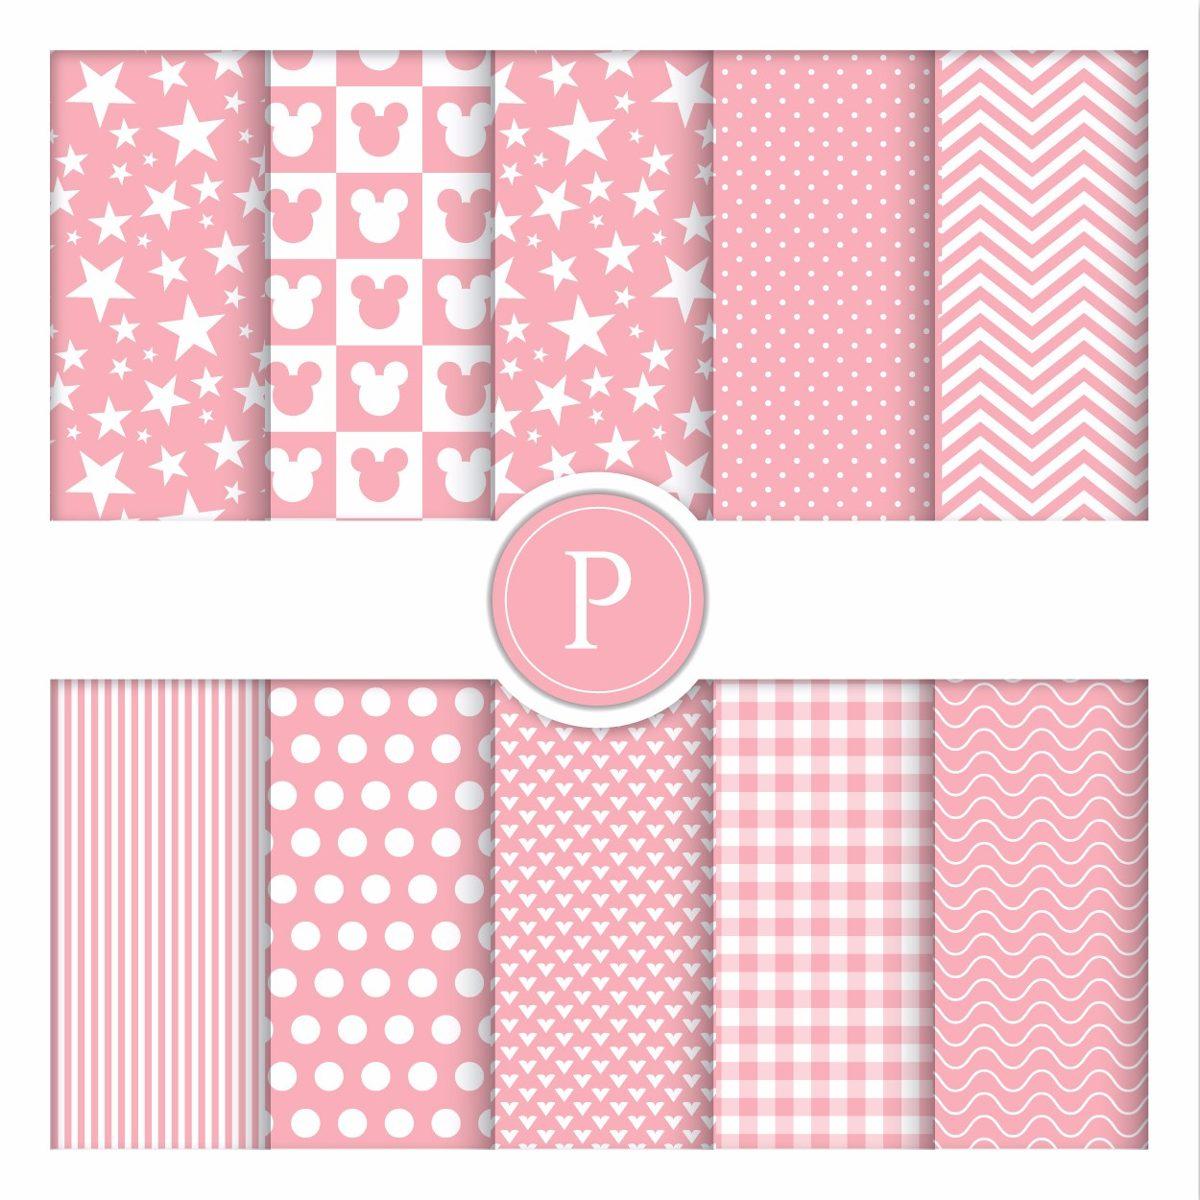 10 fls papel decorado p scrapbook minie rosa a4 180 gr r